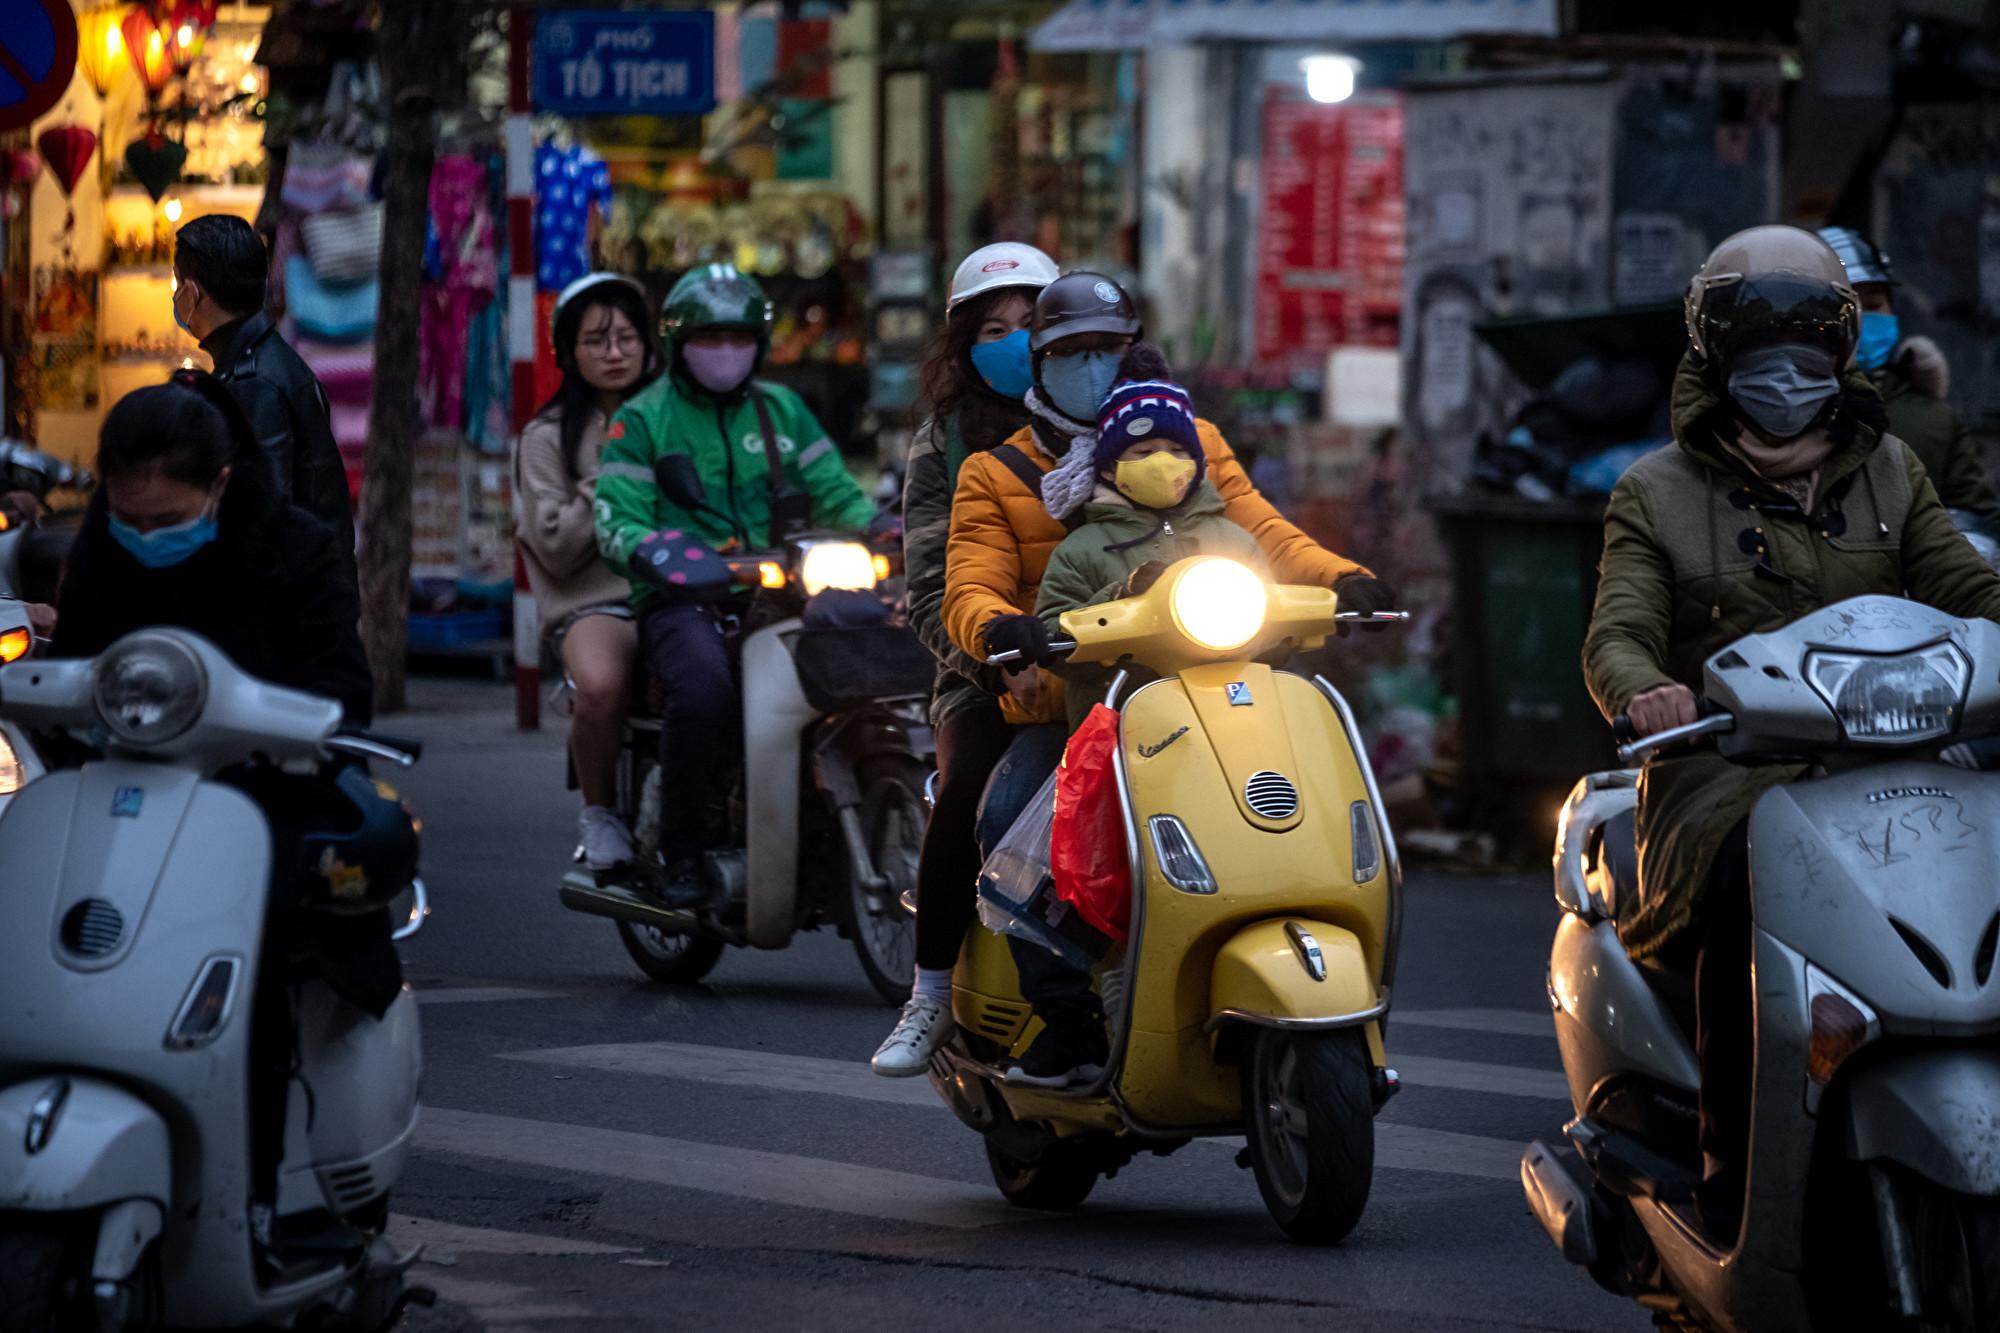 武漢肺炎疫情升級 越南交警酒測有新招